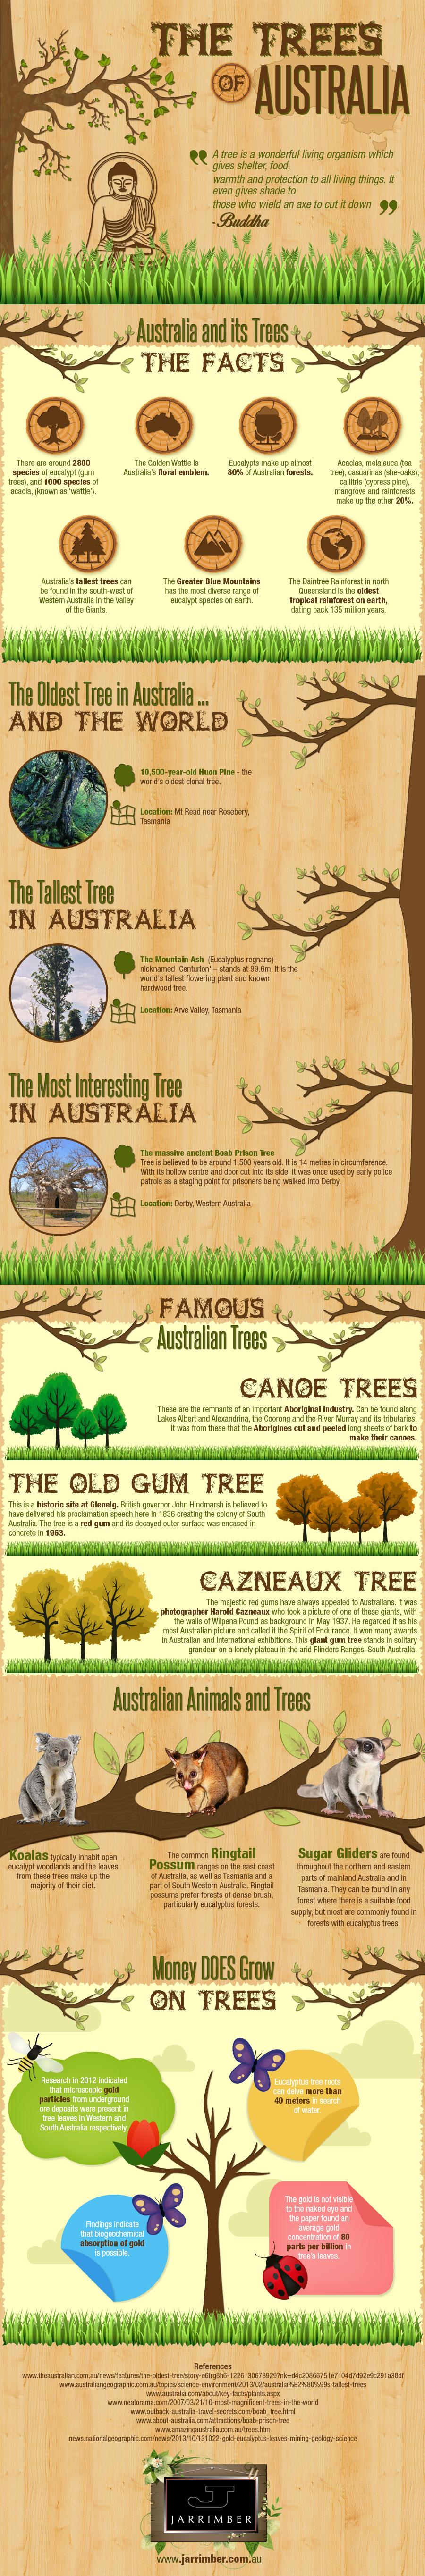 Trees of Australia [Infographic] | ecogreenlove